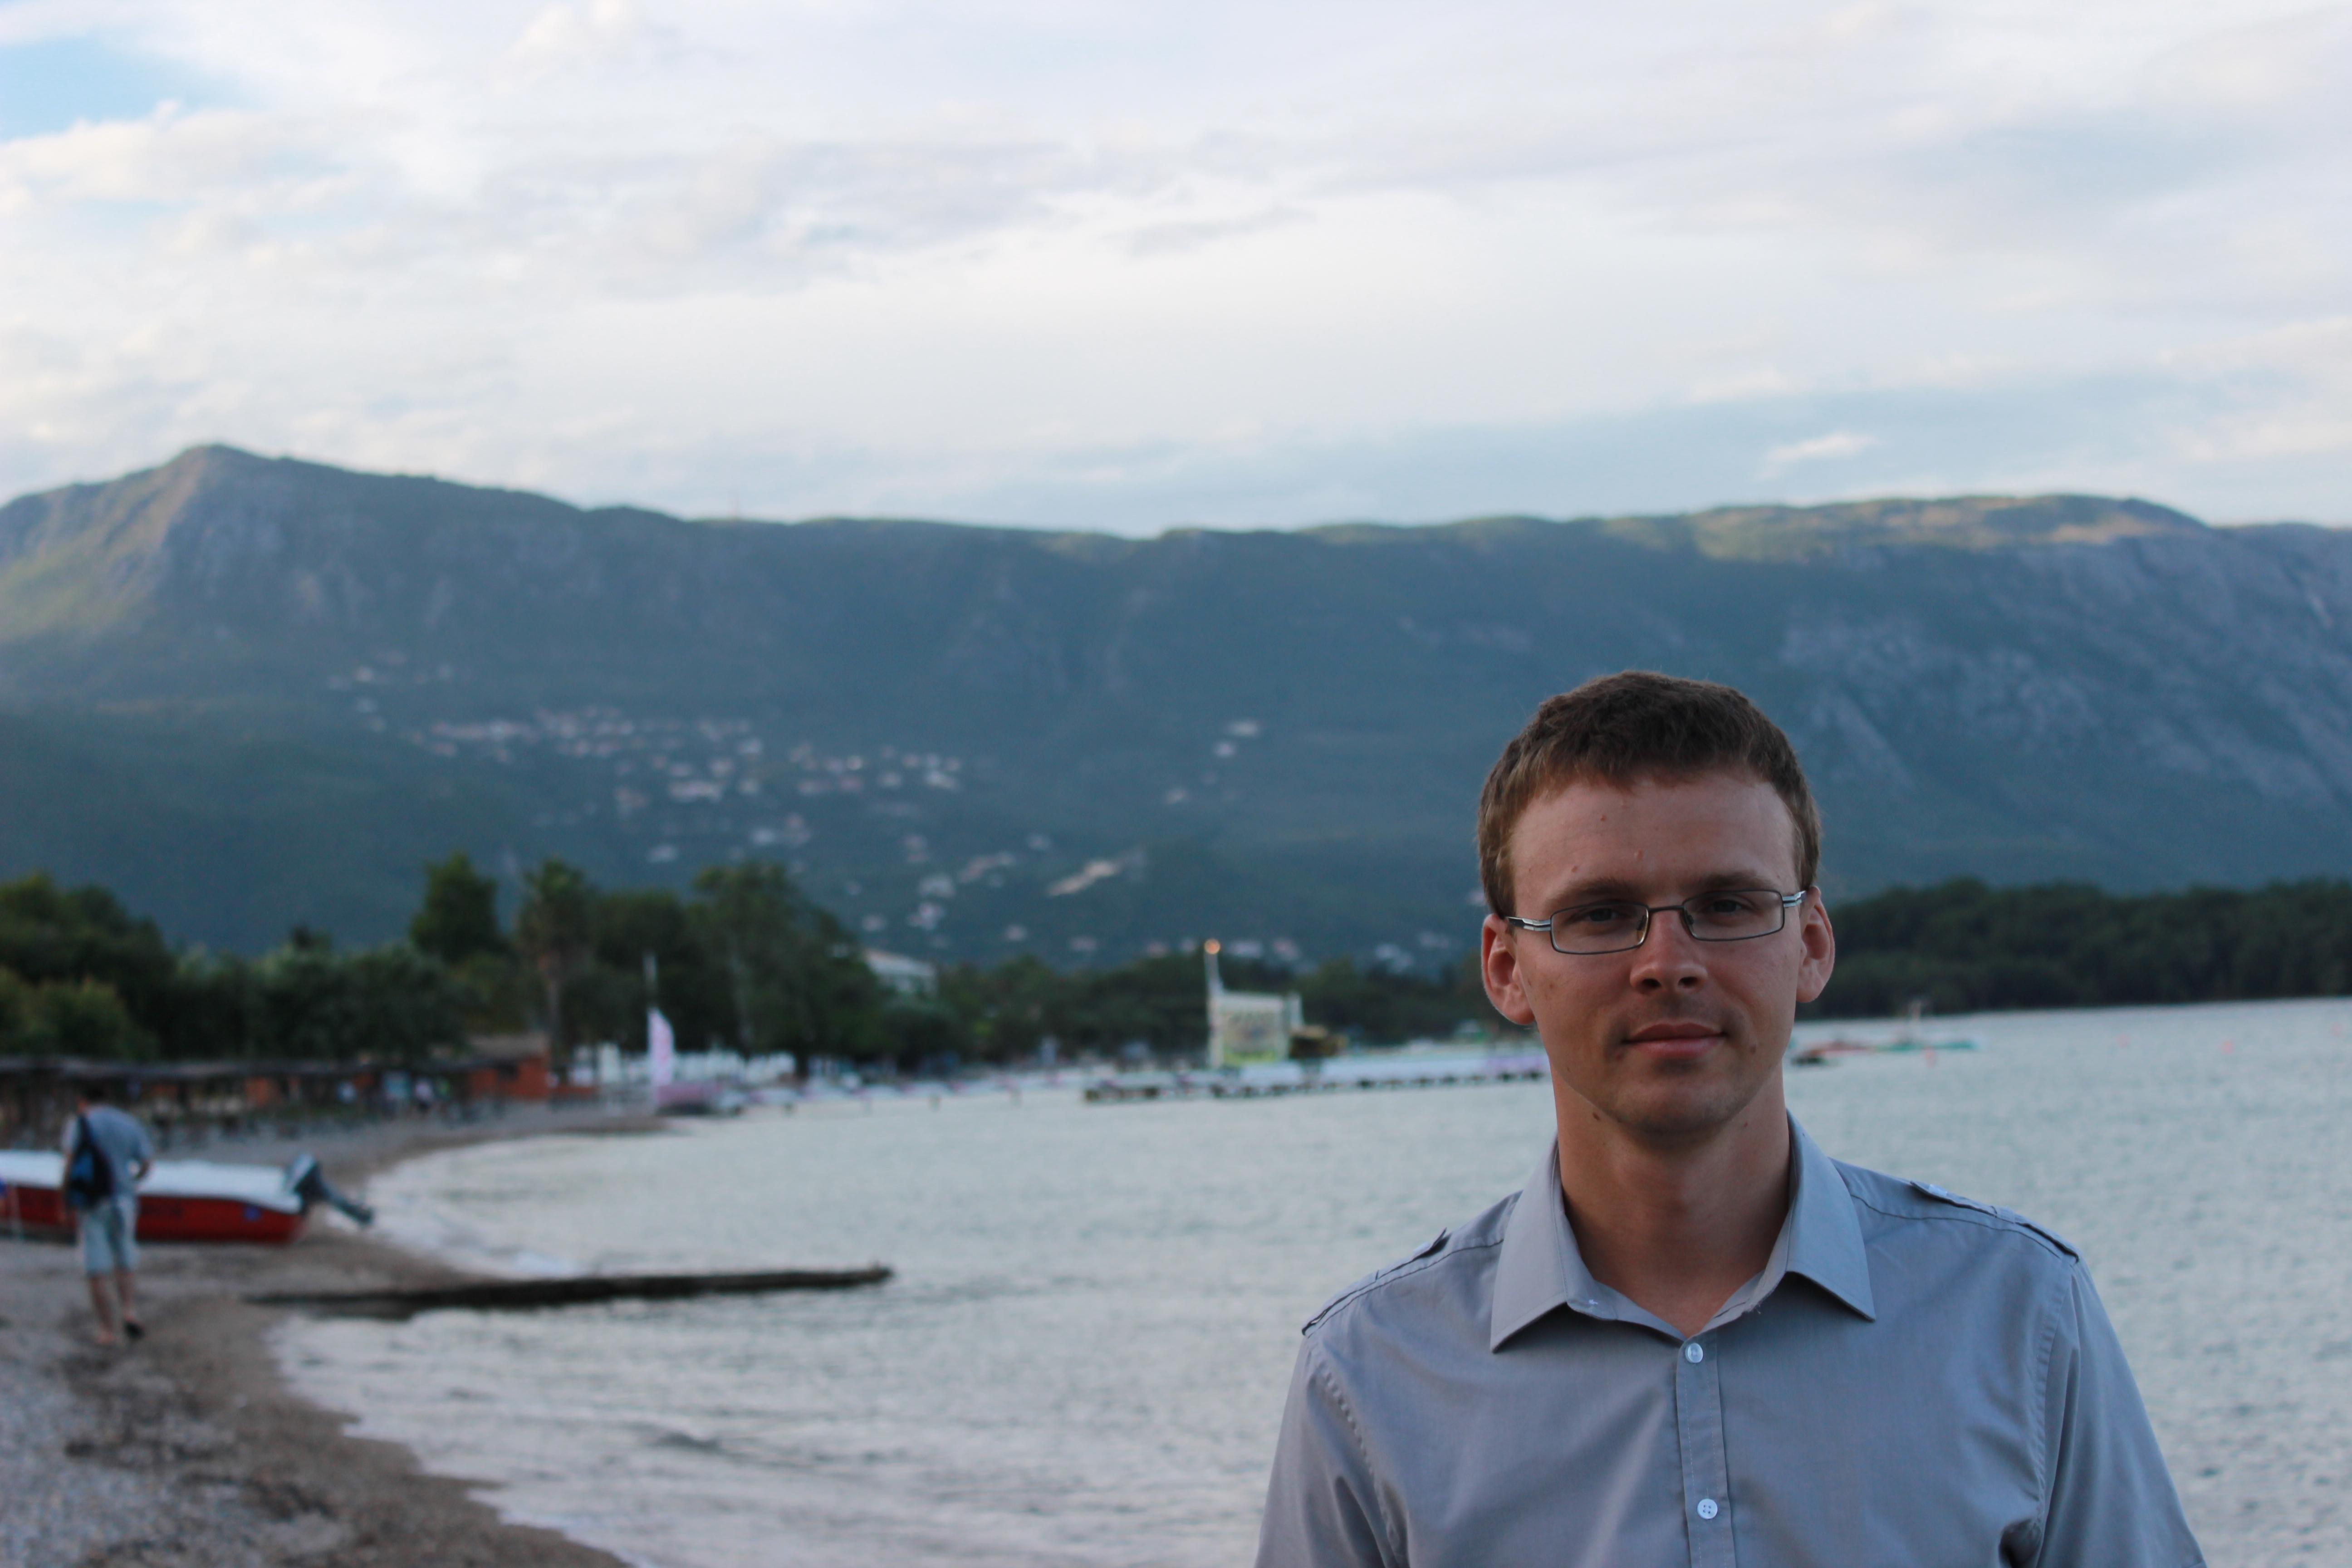 Denis Likhach